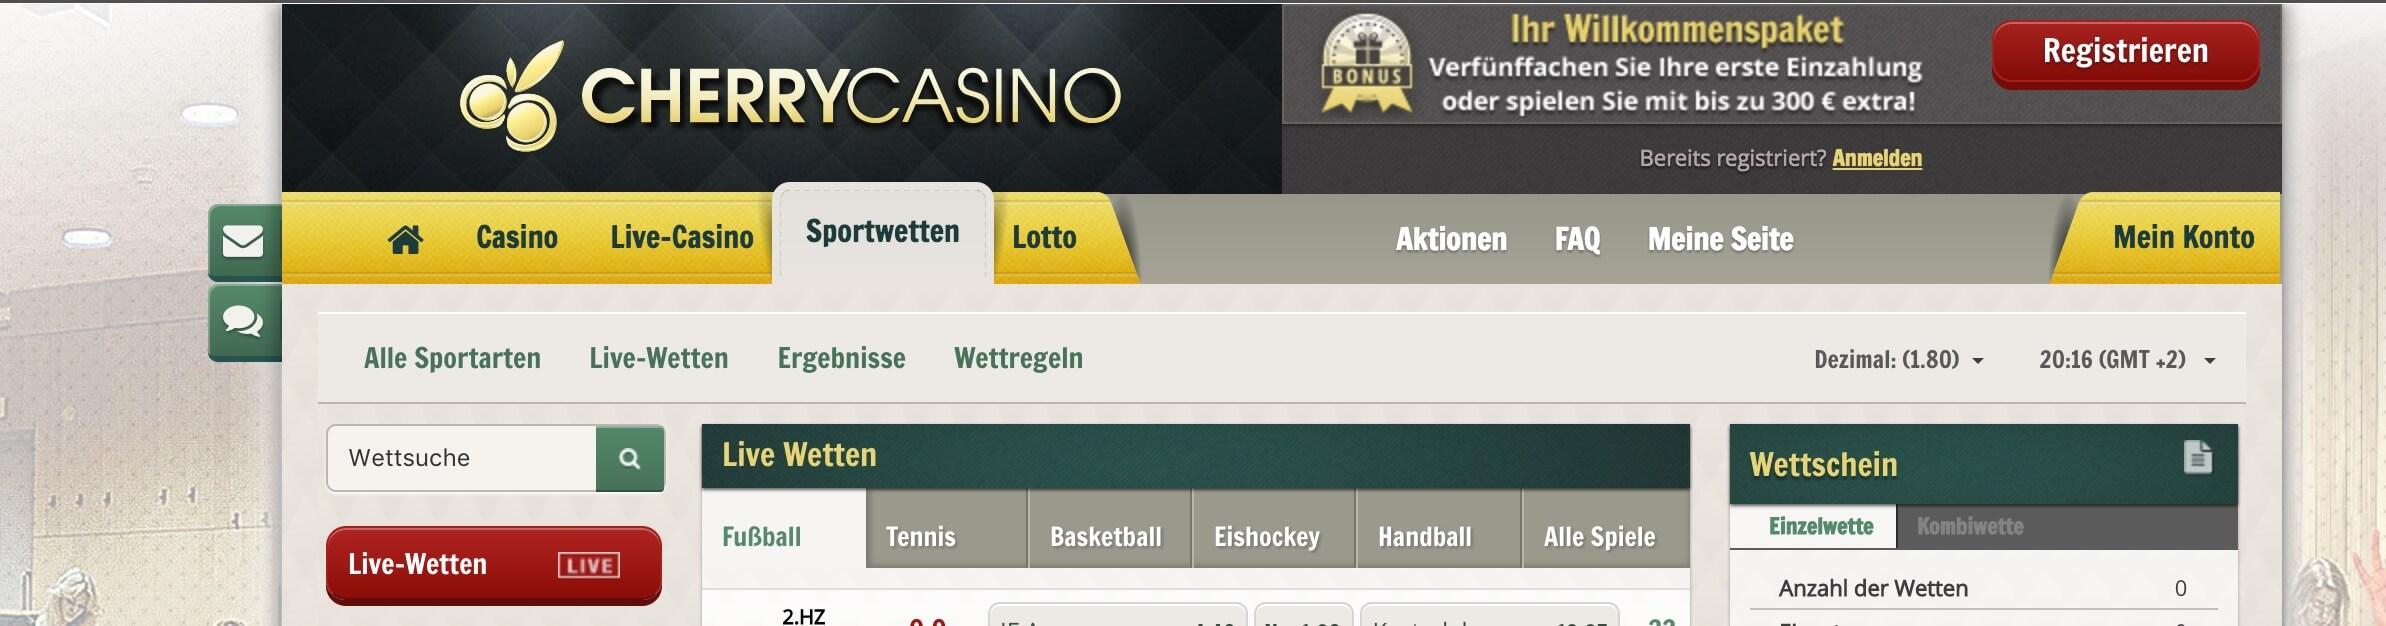 novoline casino bonus einzahlung code eingeben